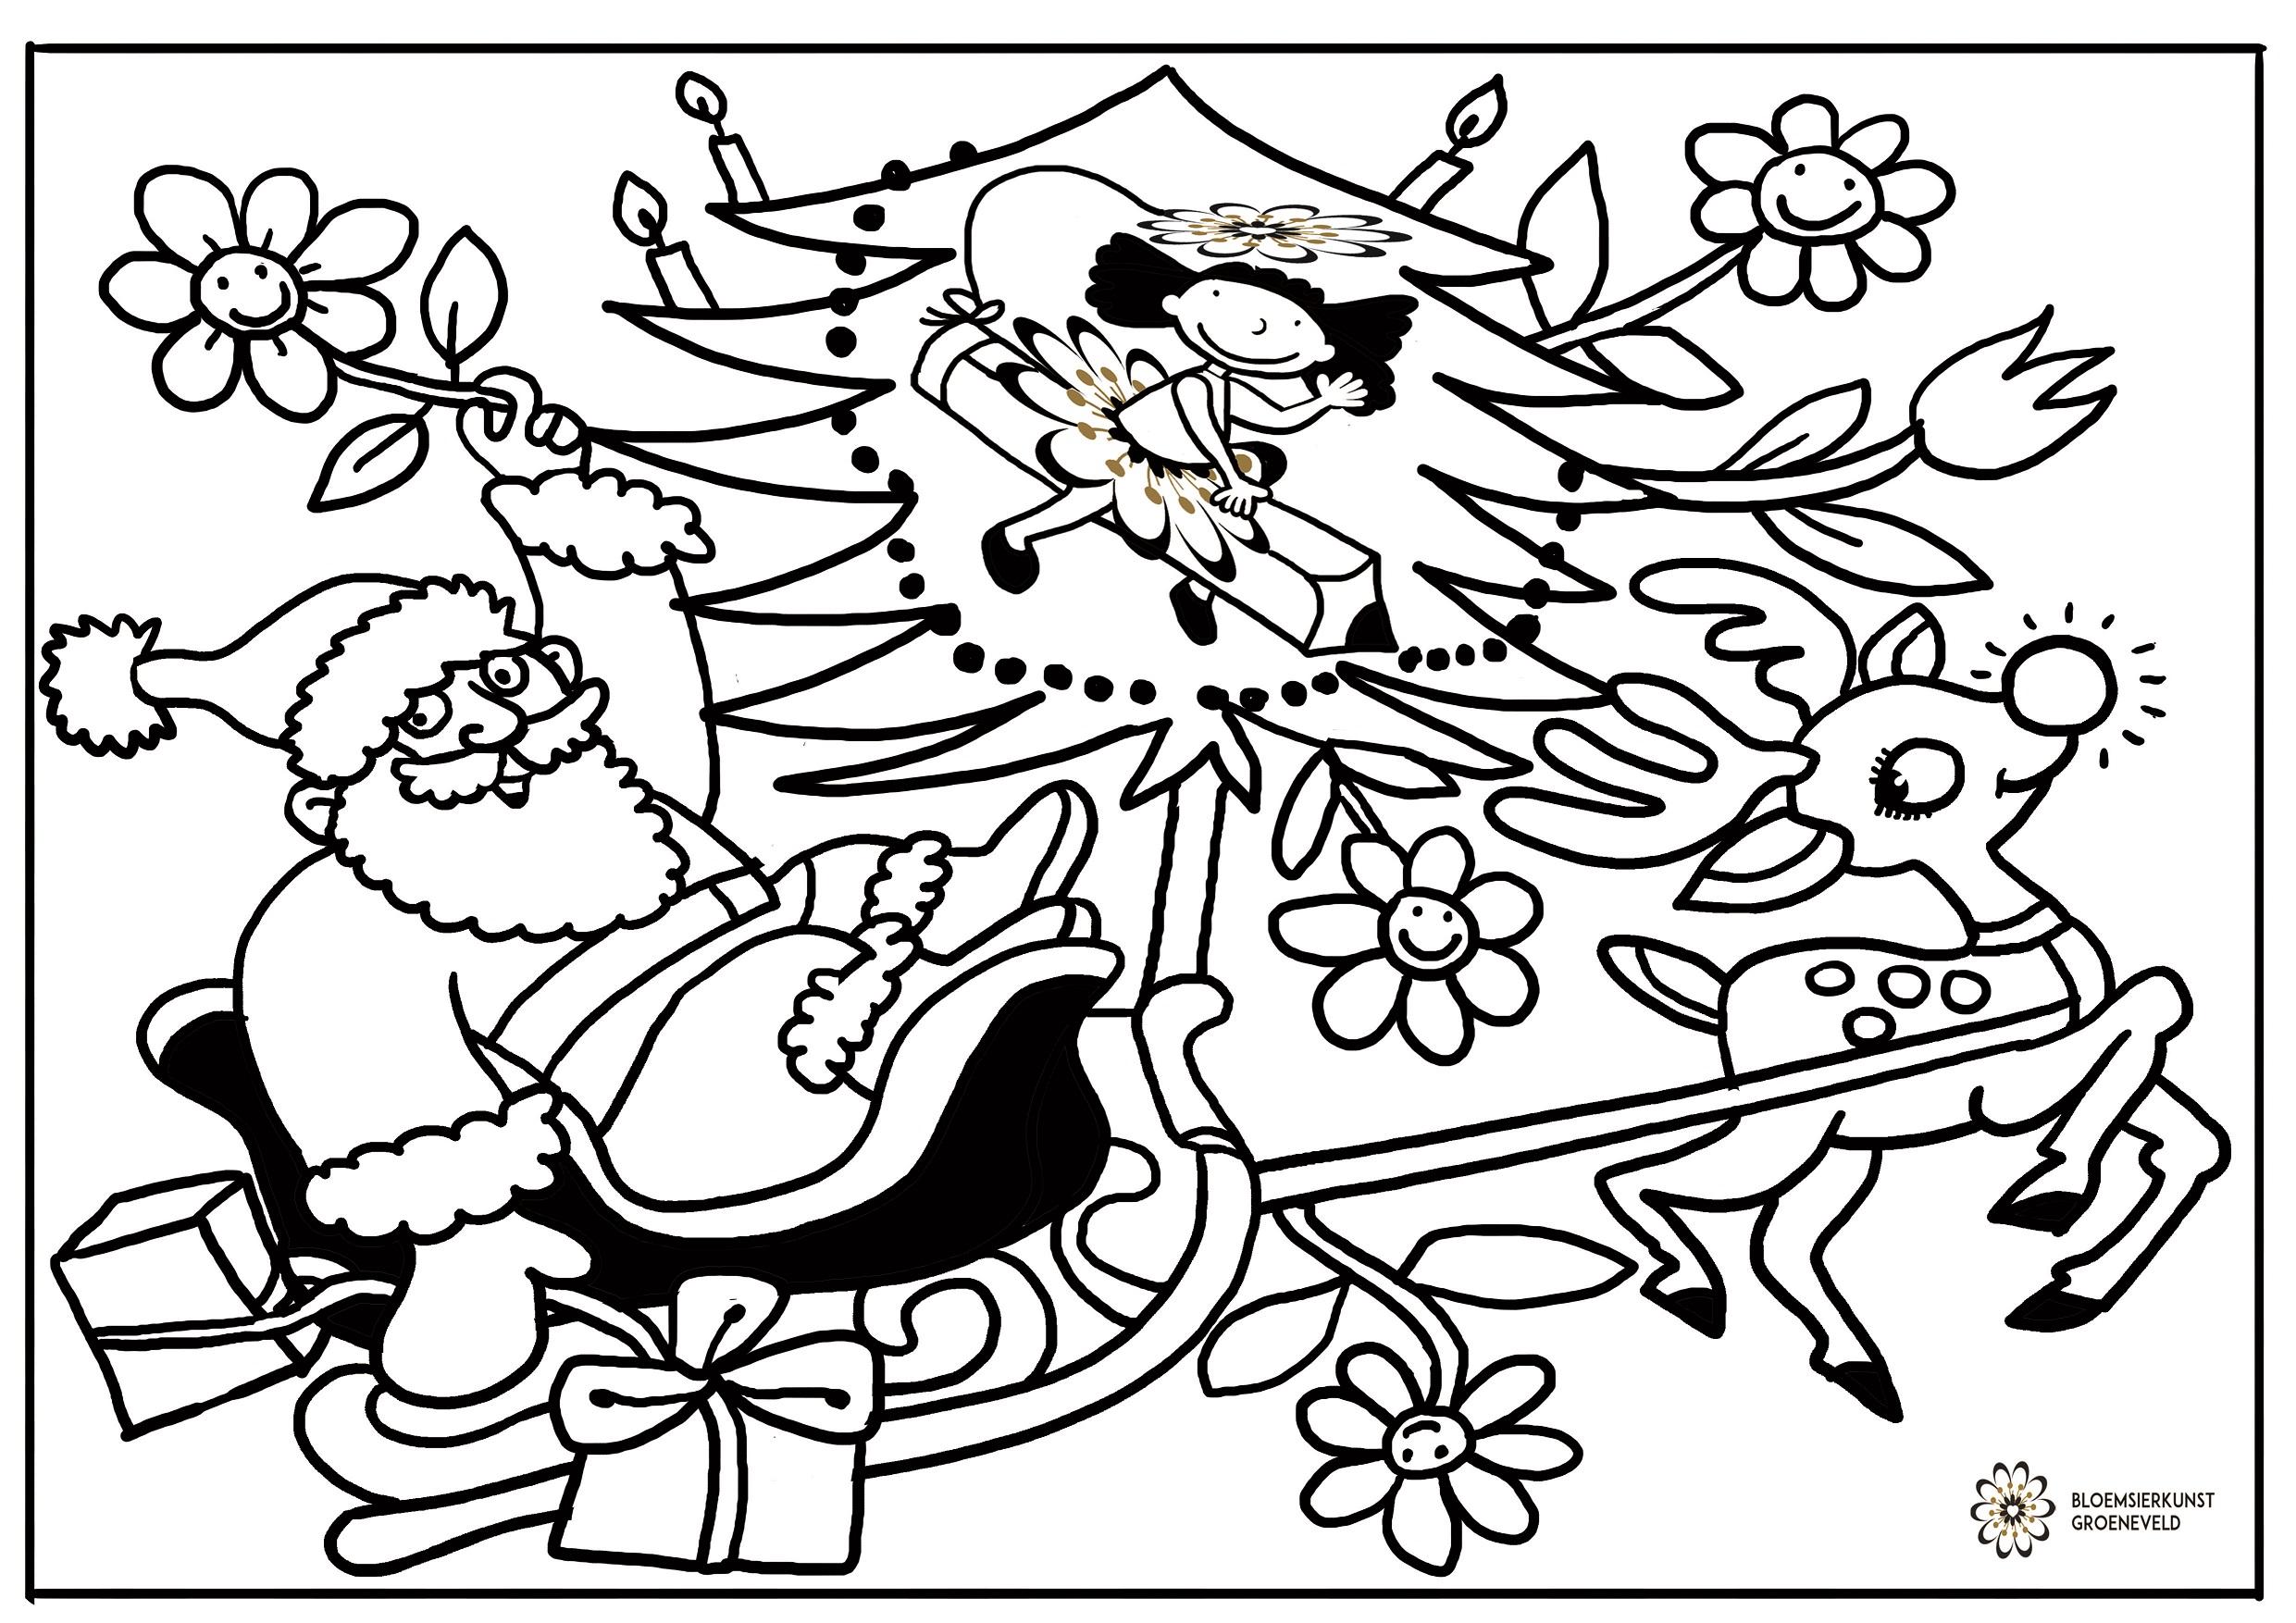 Bloemsierkunst Groeneveld Kerst kleurplaat